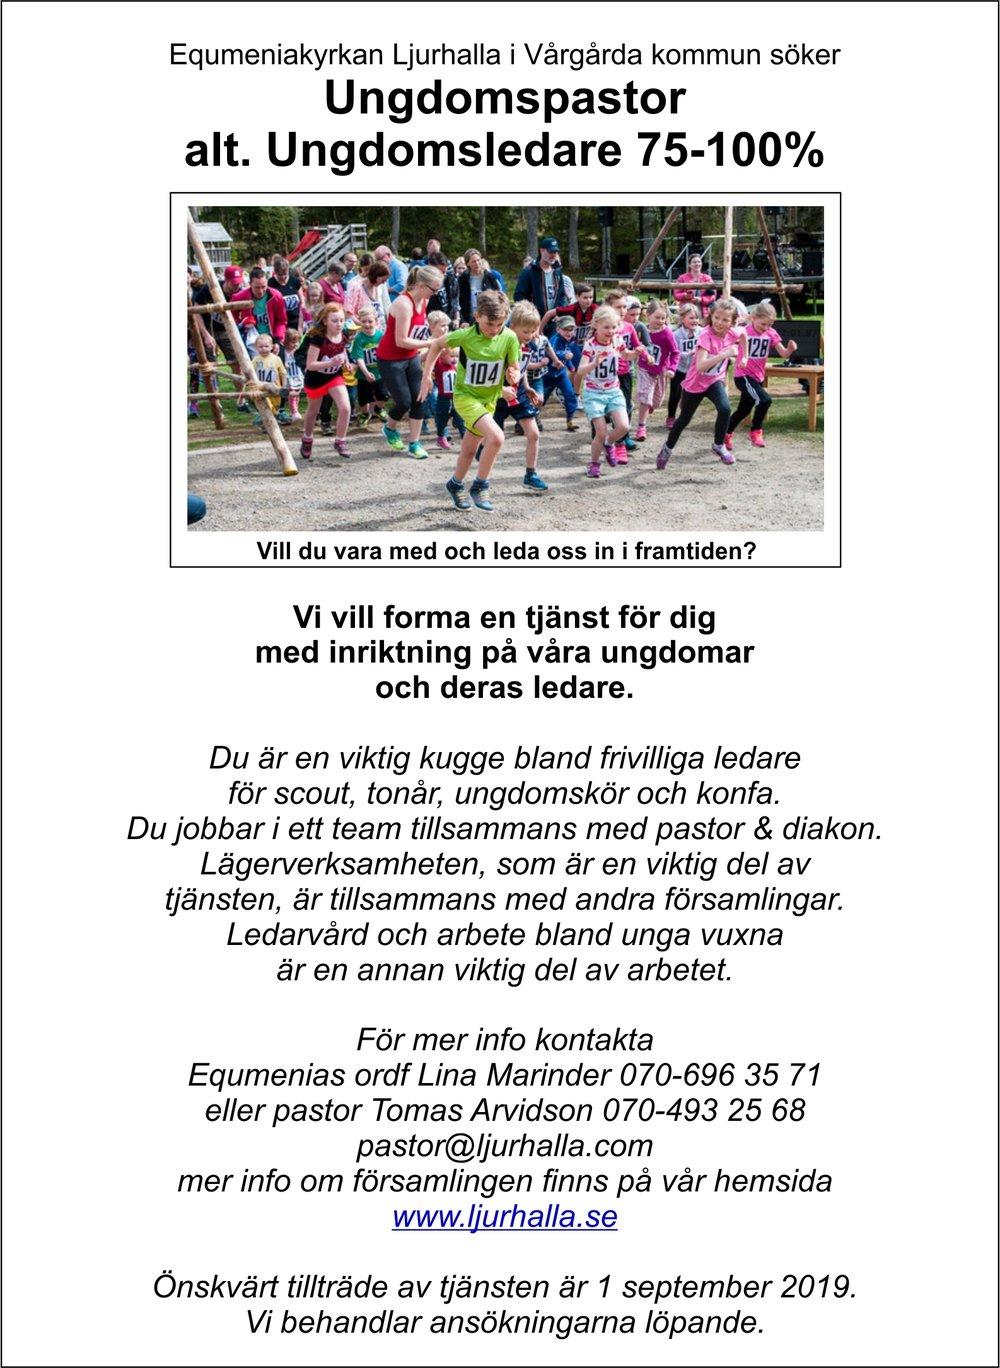 Ljurhalla annons ungdomspastor 2019 3.0.jpg